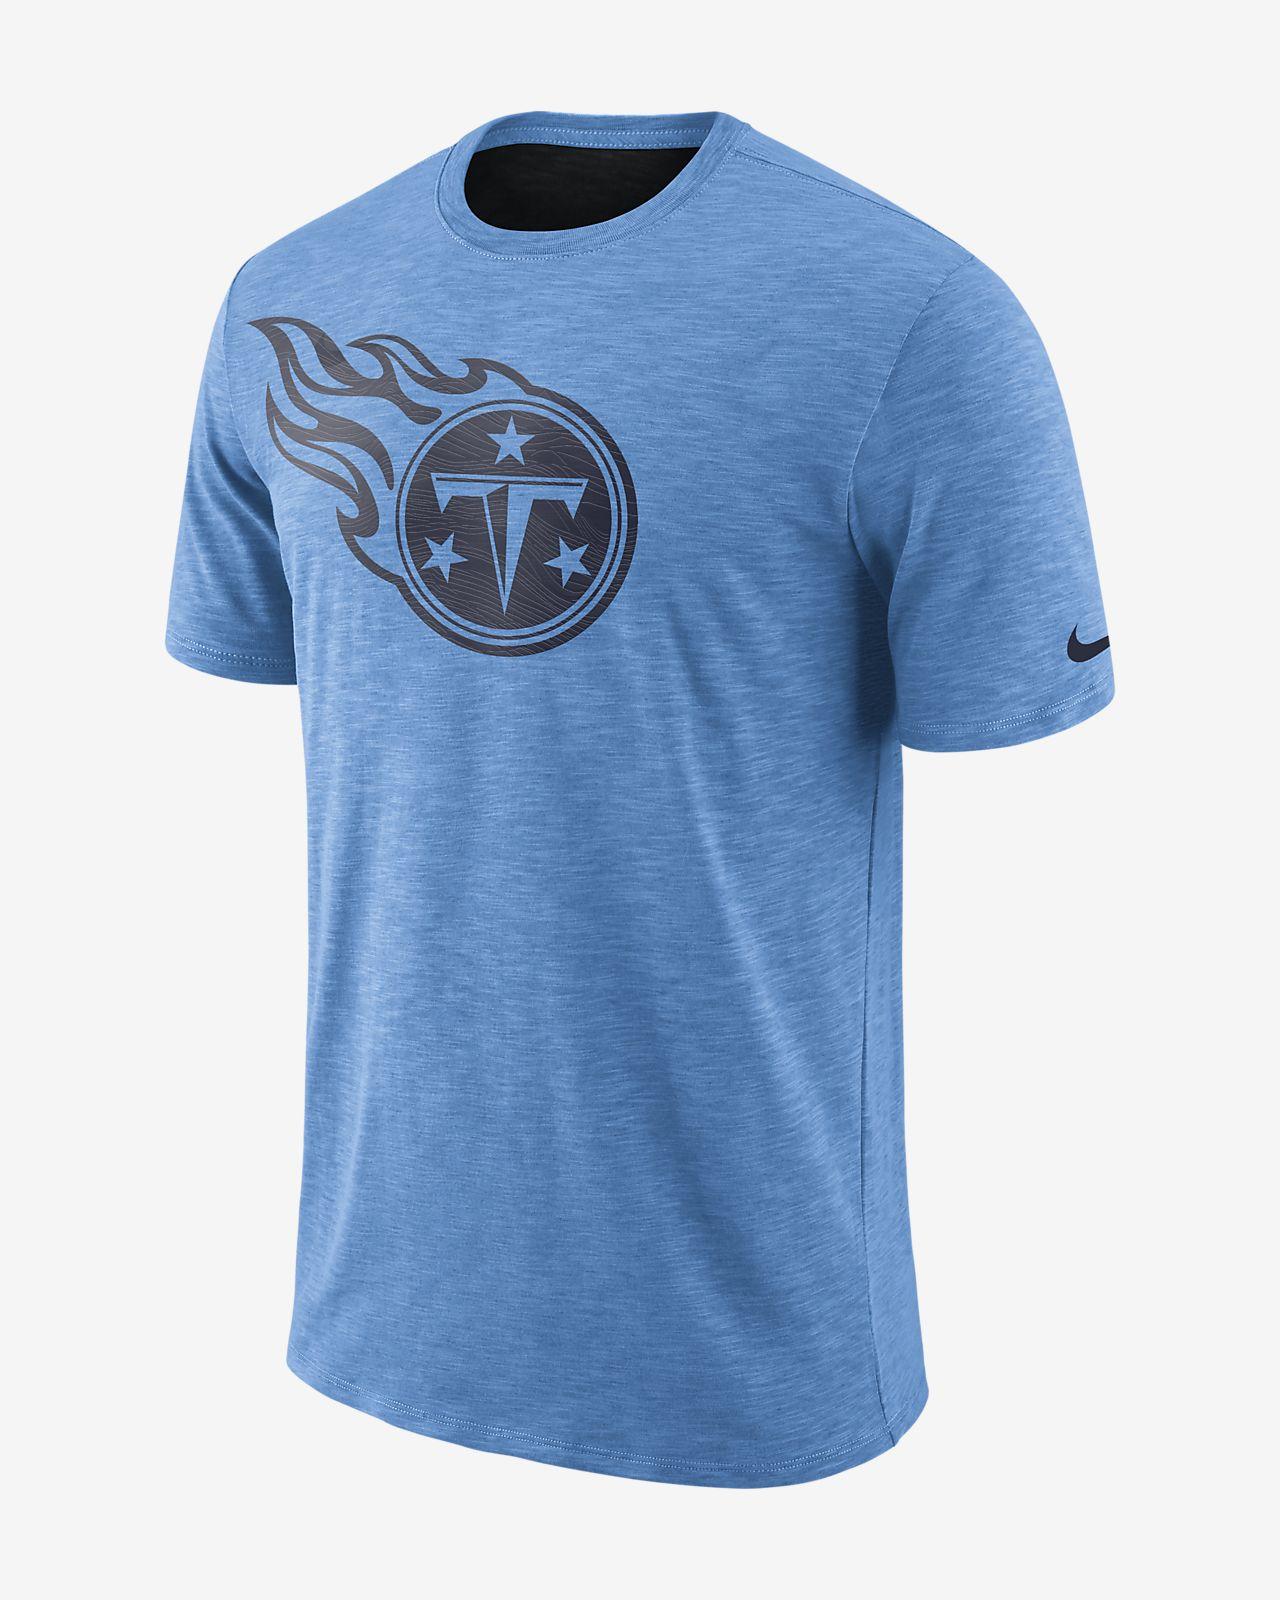 Es Dri Legend nfl Field Camiseta Nike Hombre Fit Titans On RTdzzw 0db2d9390ced3